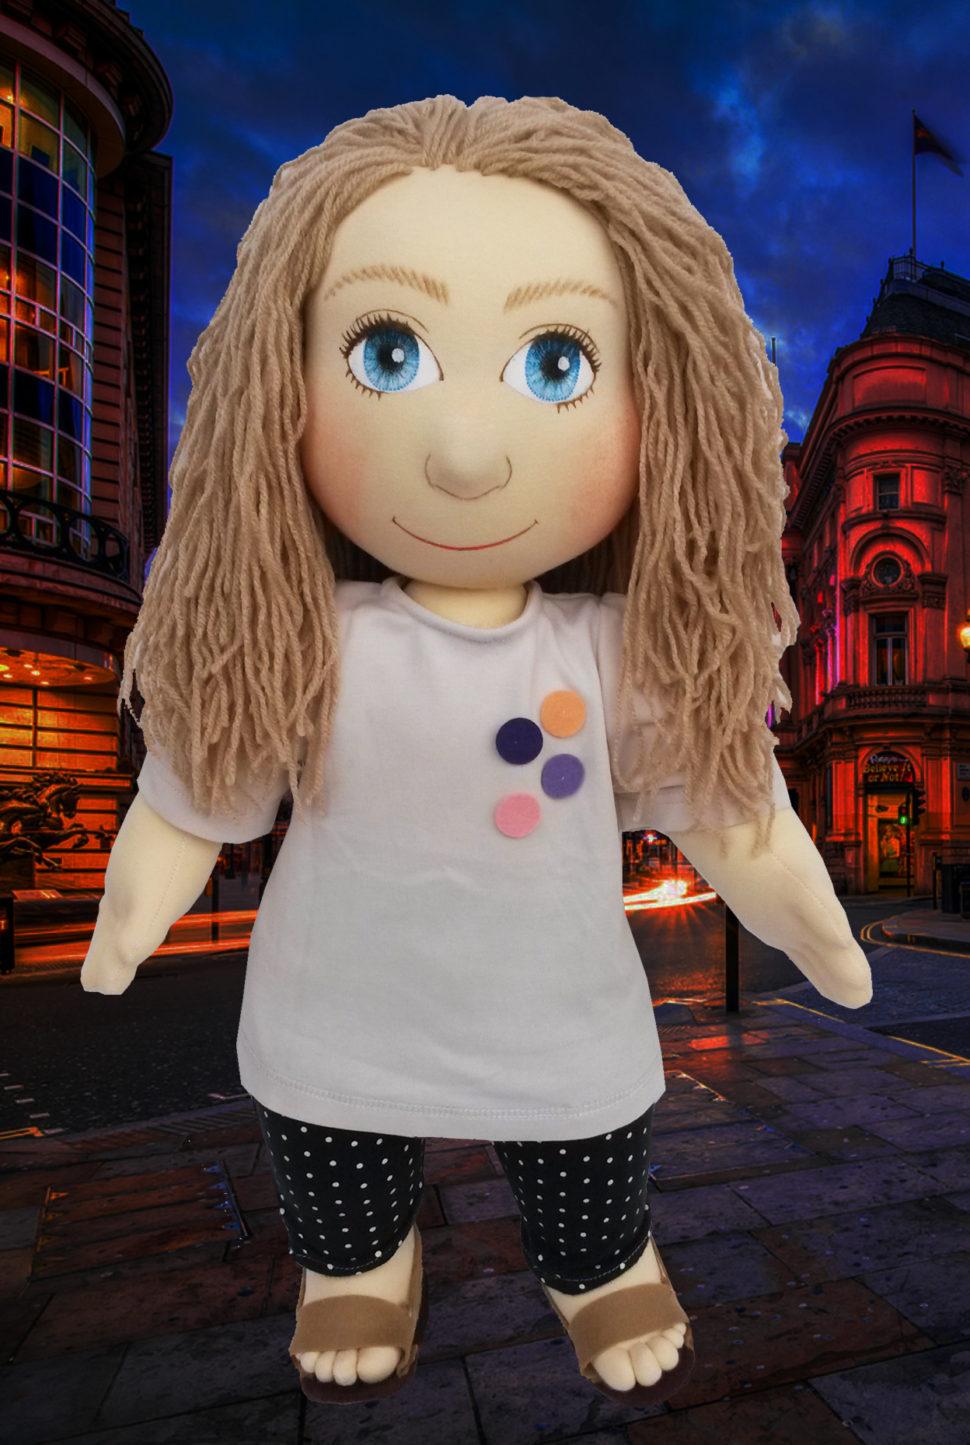 Ručně šité terapeutické panenky jsou ideální hračky pro děti